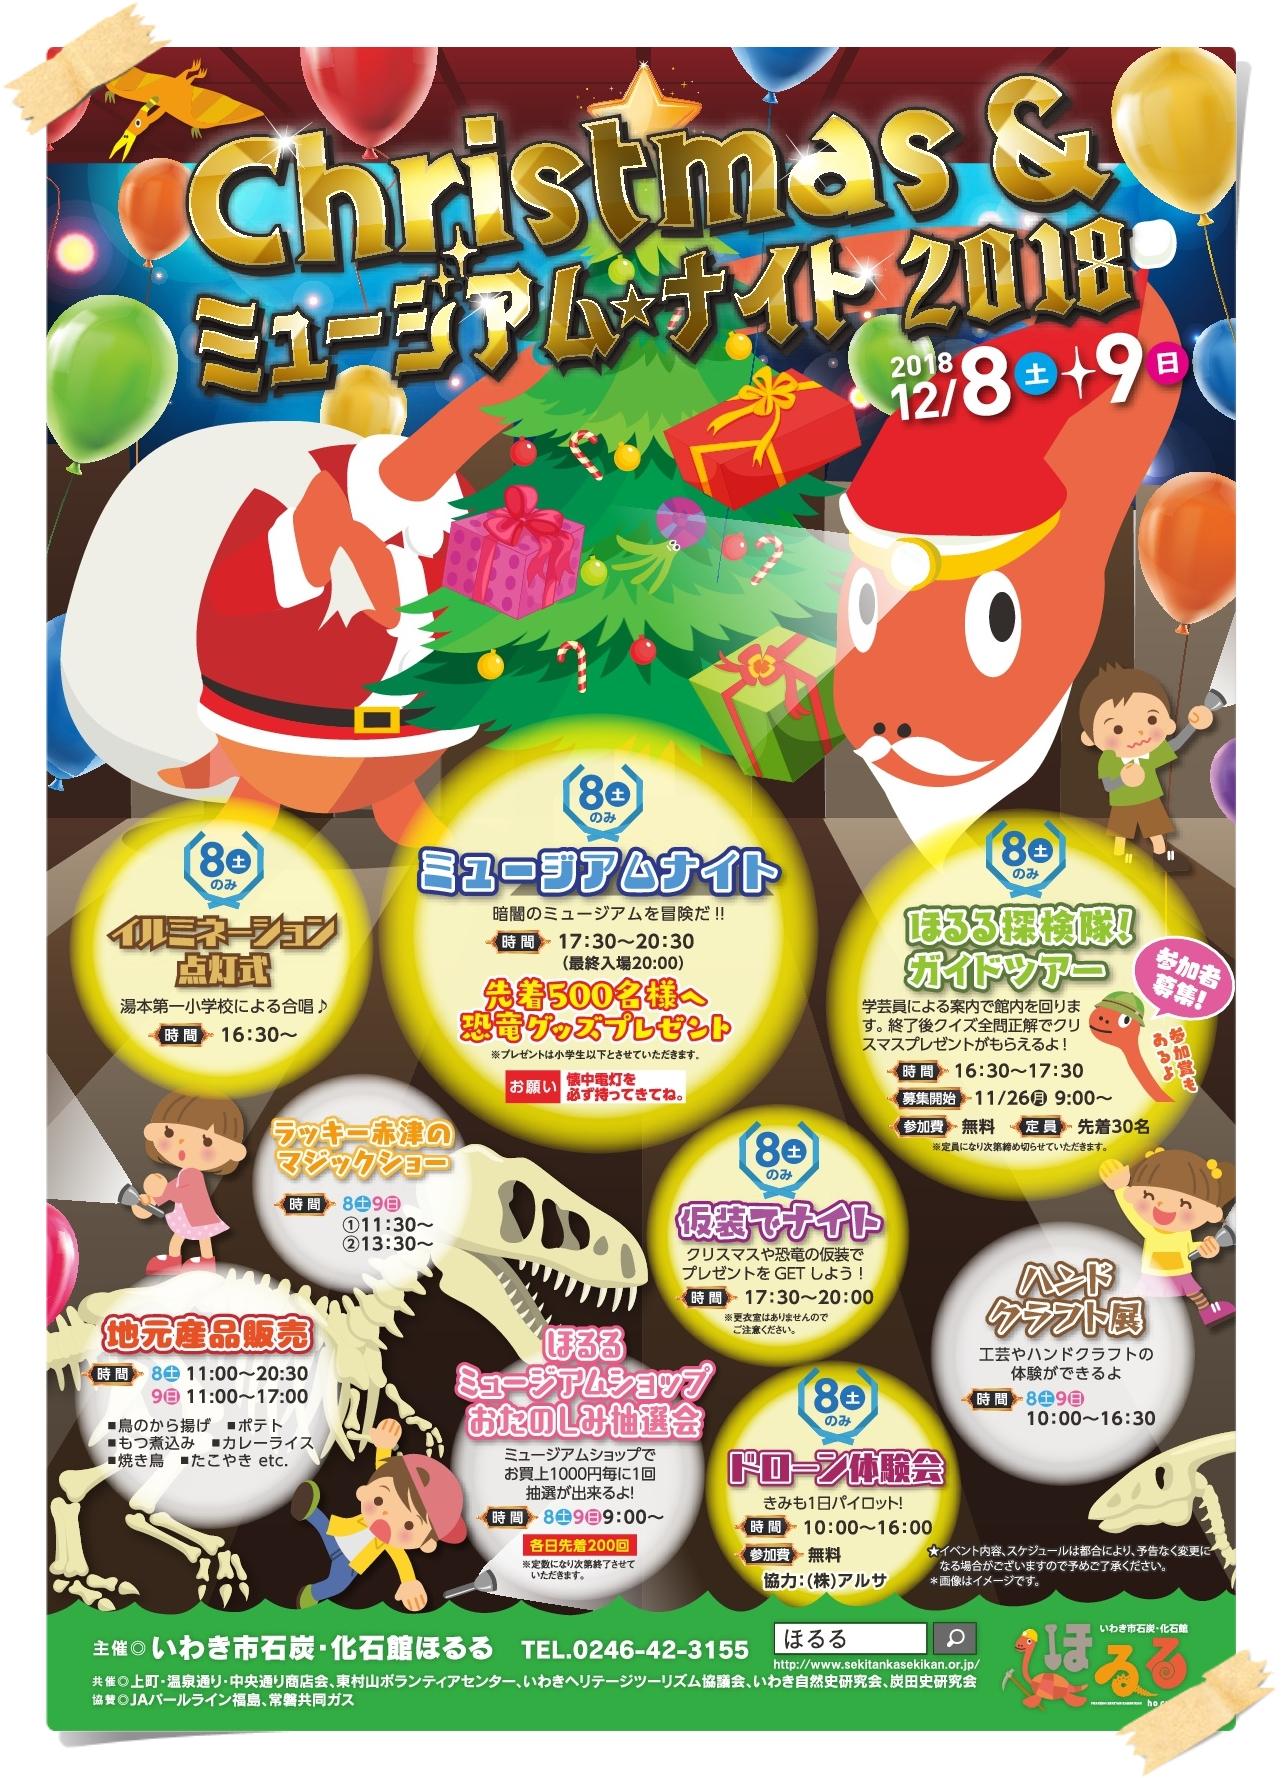 「Christmas&ミュージアム★ナイト2018」でほるるを楽しもう!! [平成30年○月○日(月)更新]